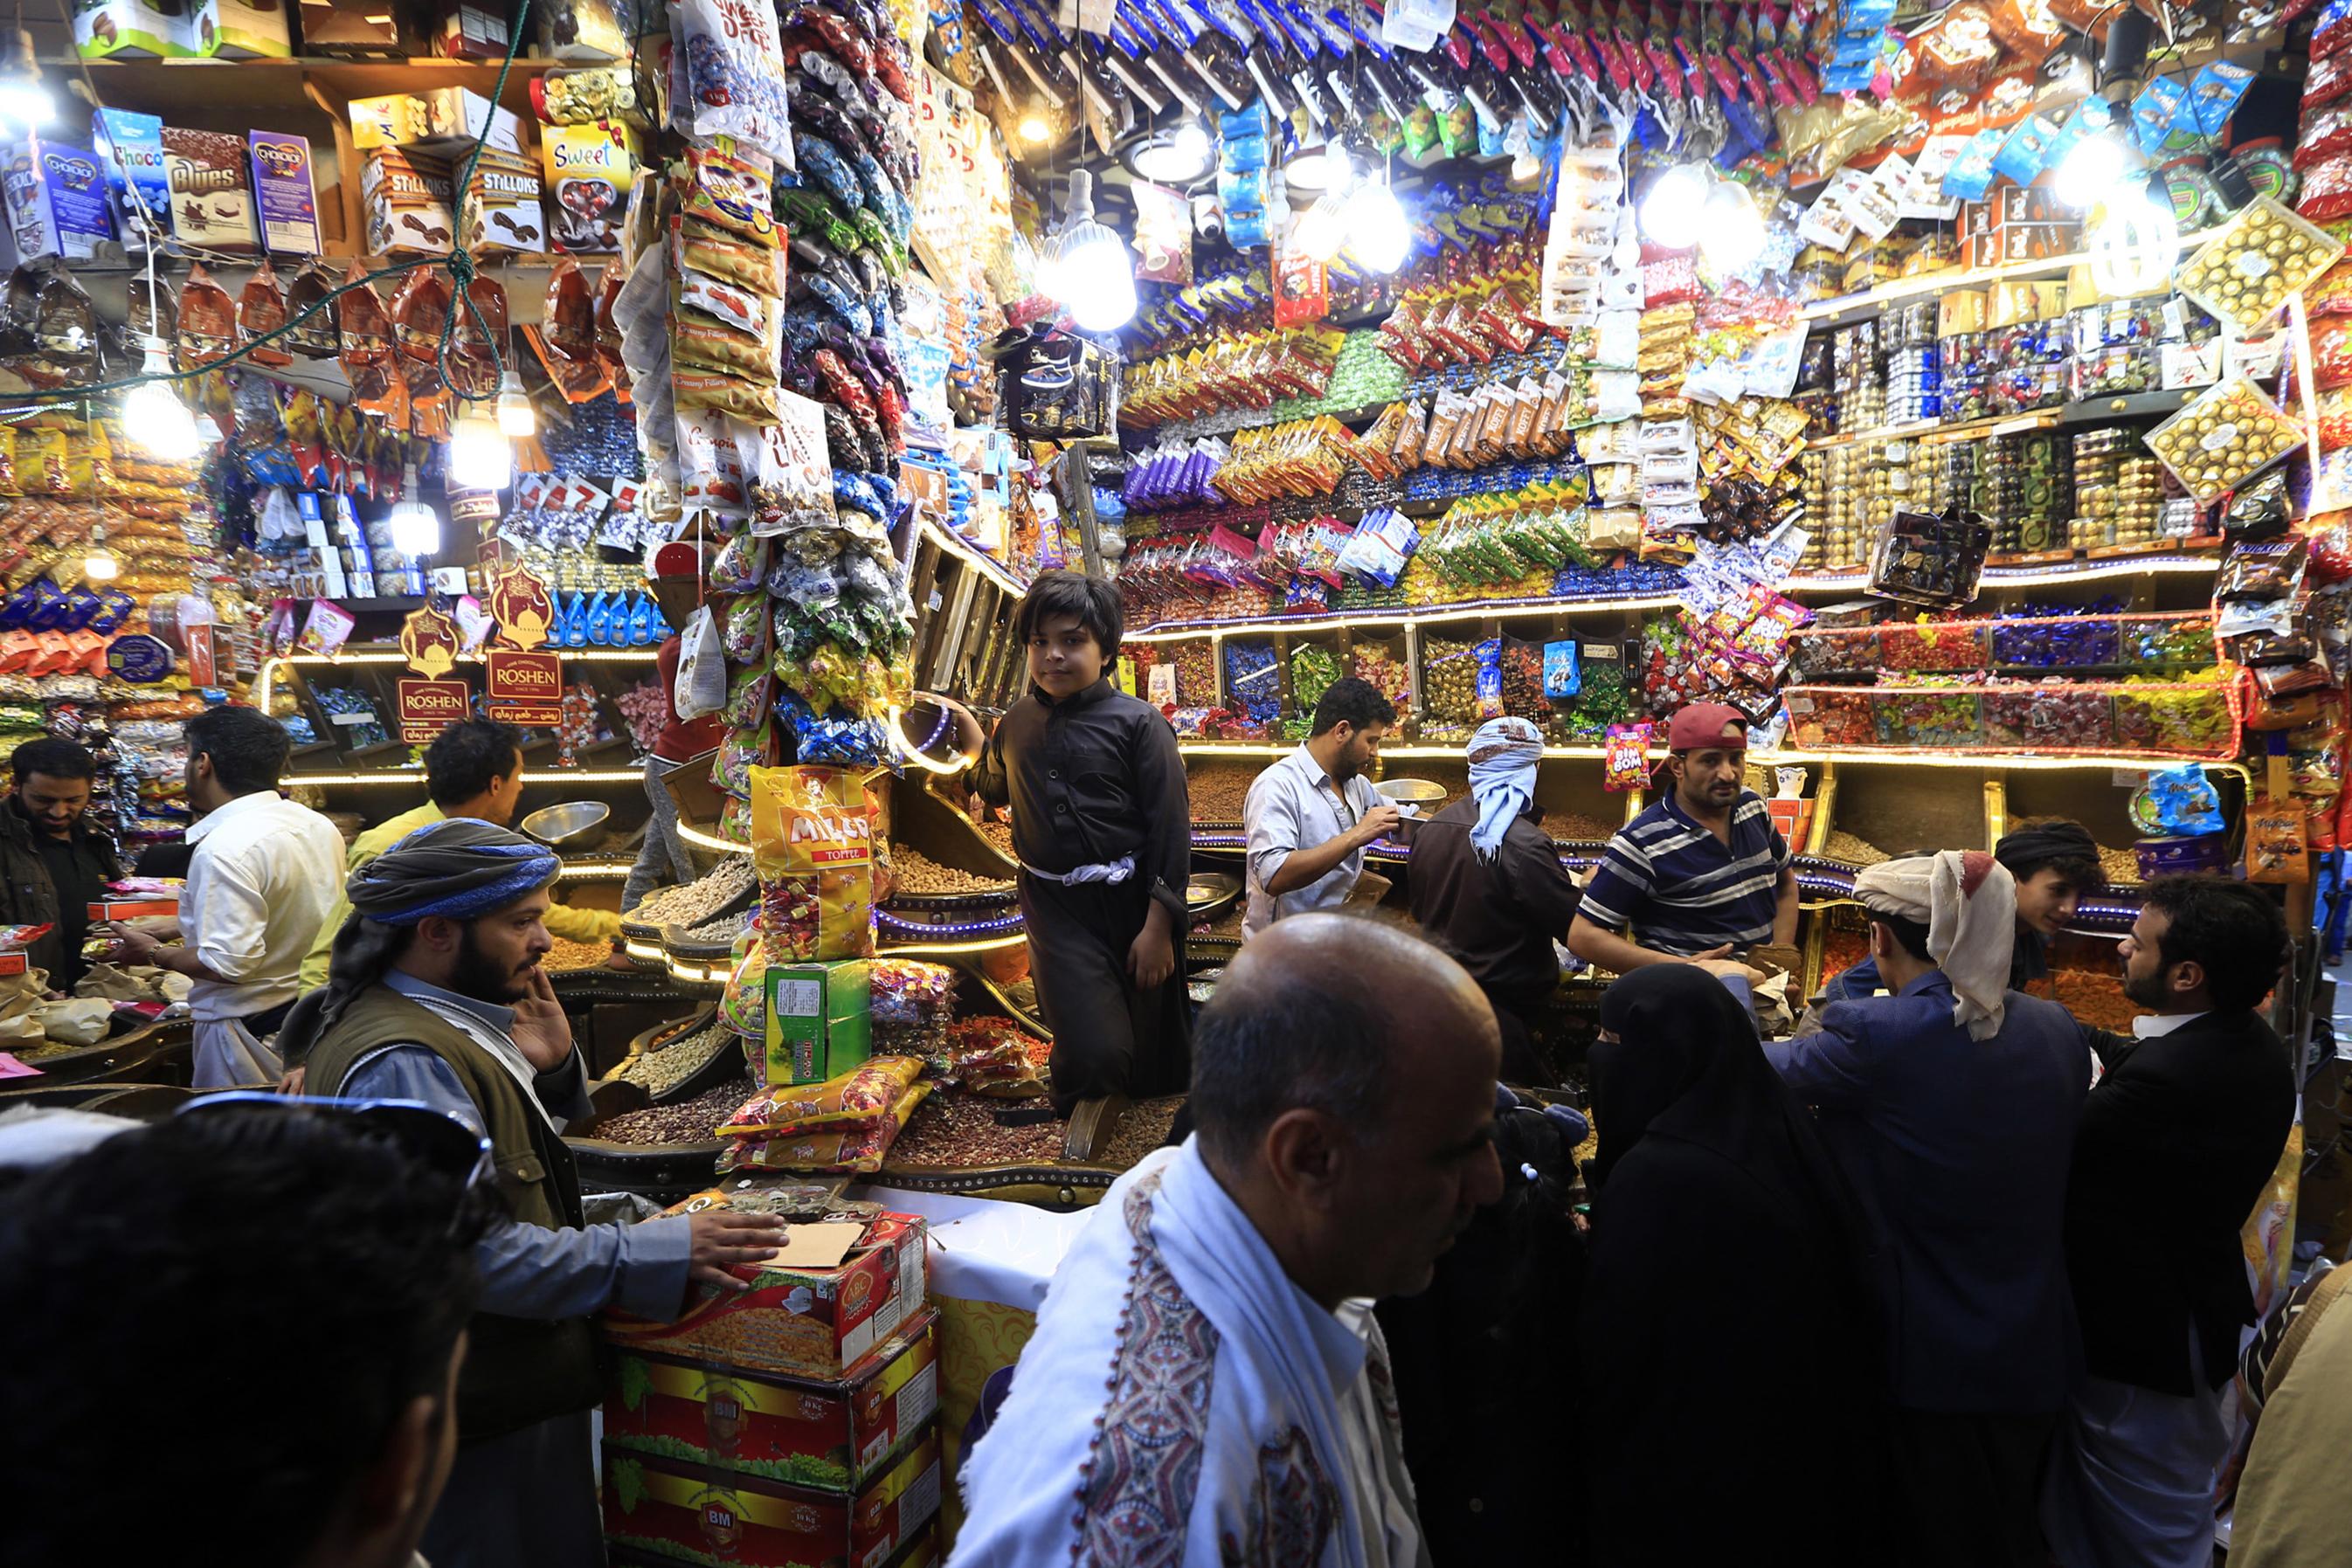 متجر لبيع الفواكه المجففة في صنعاء - اليمن